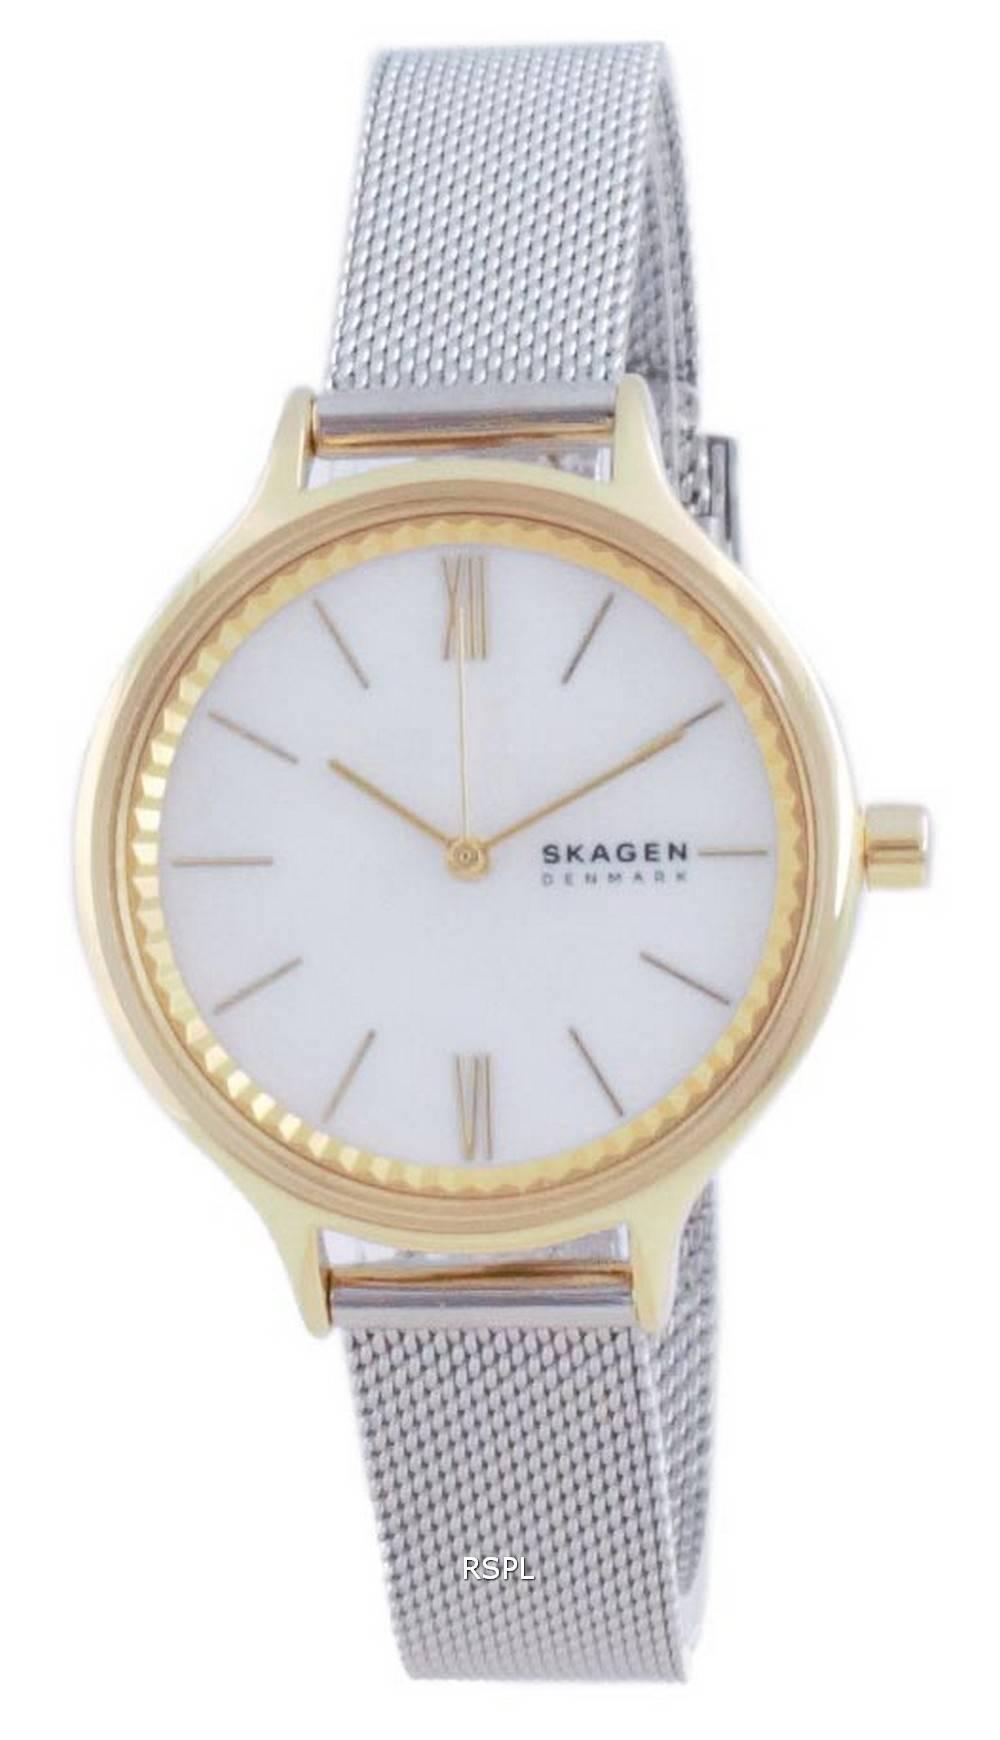 Skagen Anita kultasävy ruostumattomasta teräksestä valmistettu kvartsi SKW2866 naisten kello